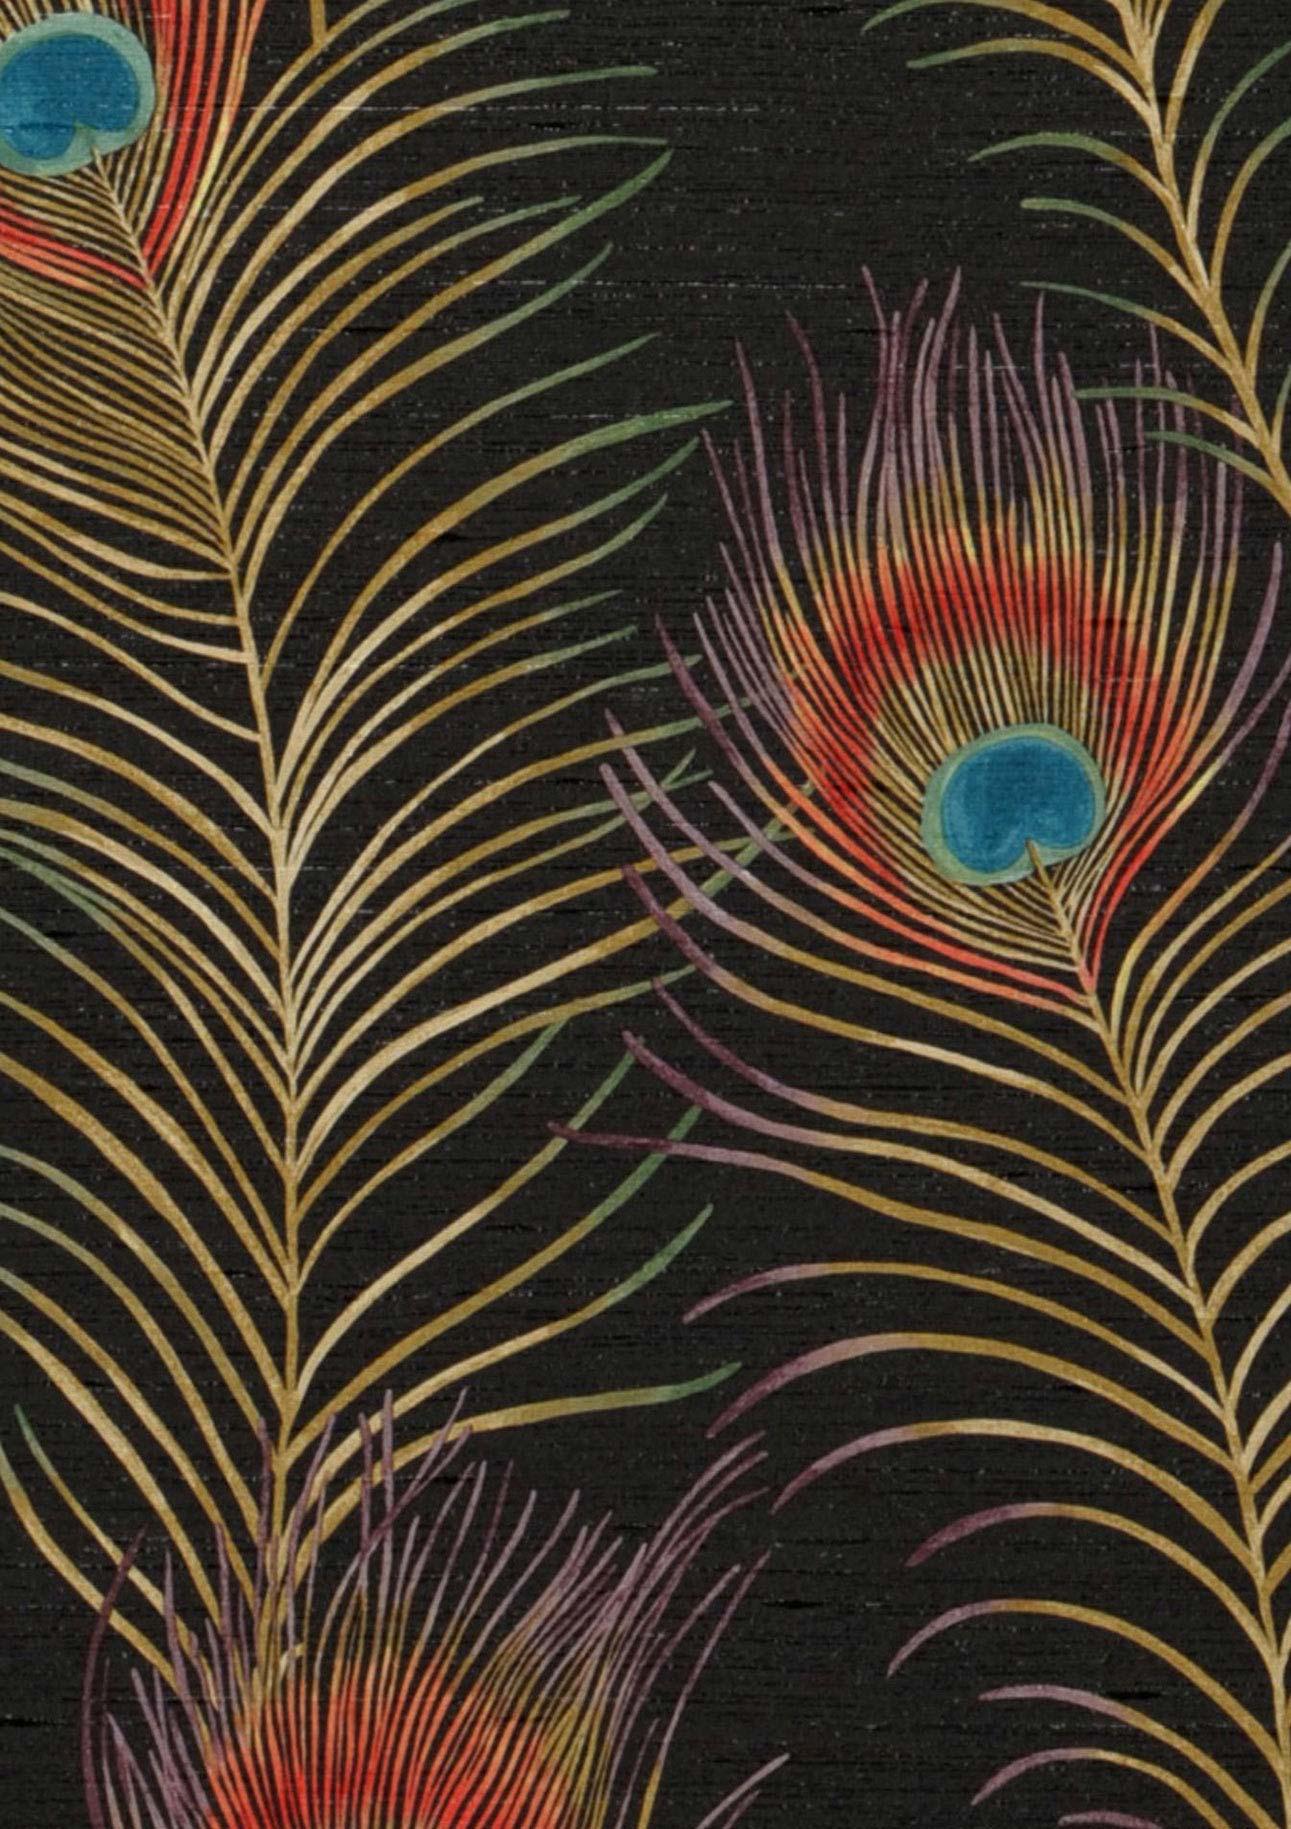 eistin anthracite bleu beige vert rouge violet papier peint nouveaut motifs du papier. Black Bedroom Furniture Sets. Home Design Ideas